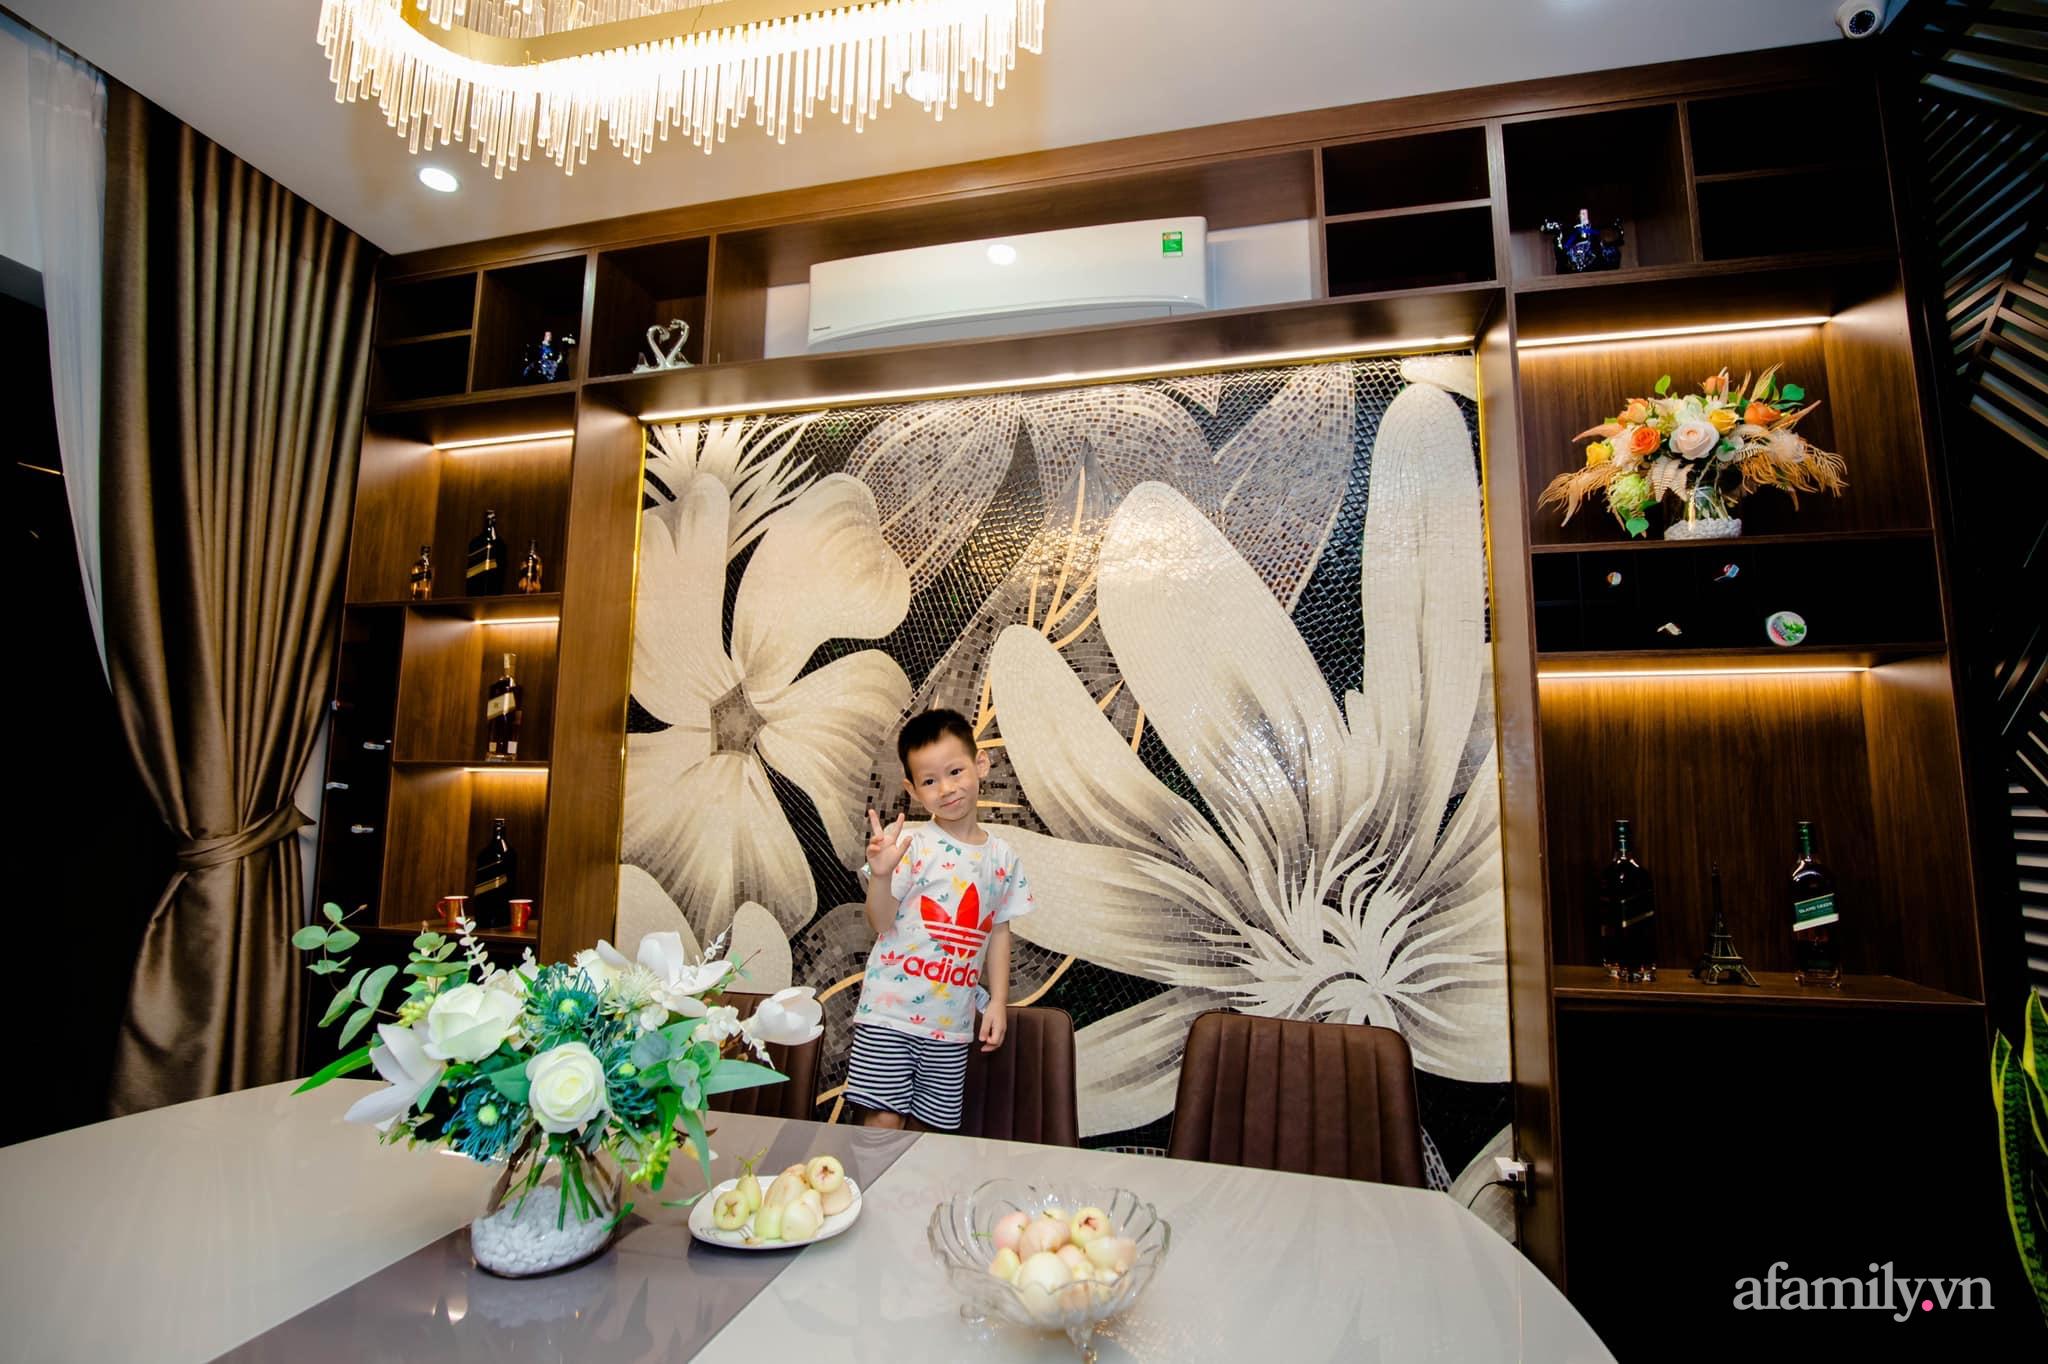 Bóc giá căn bếp đẹp chanh sả được đầu tư toàn đồ xịn sò với tổng chi phí gần 200 triệu đồng ở Hải Phòng - Ảnh 8.